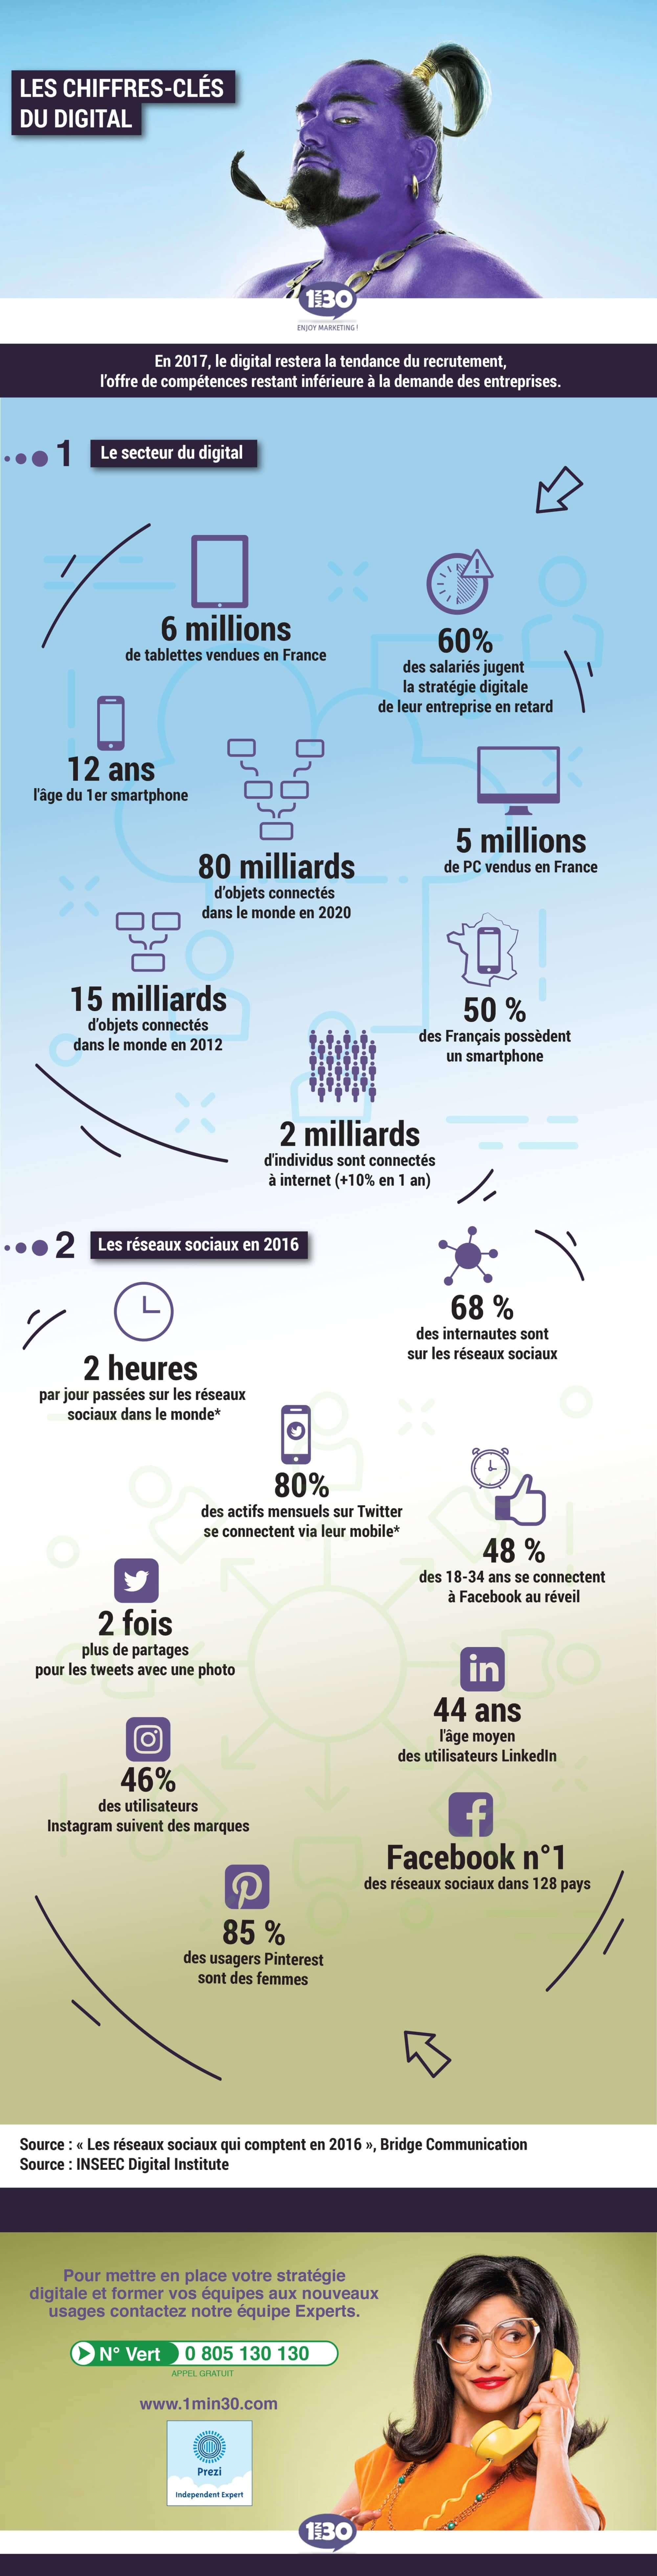 Les chiffres clés du digital et des réseaux sociaux